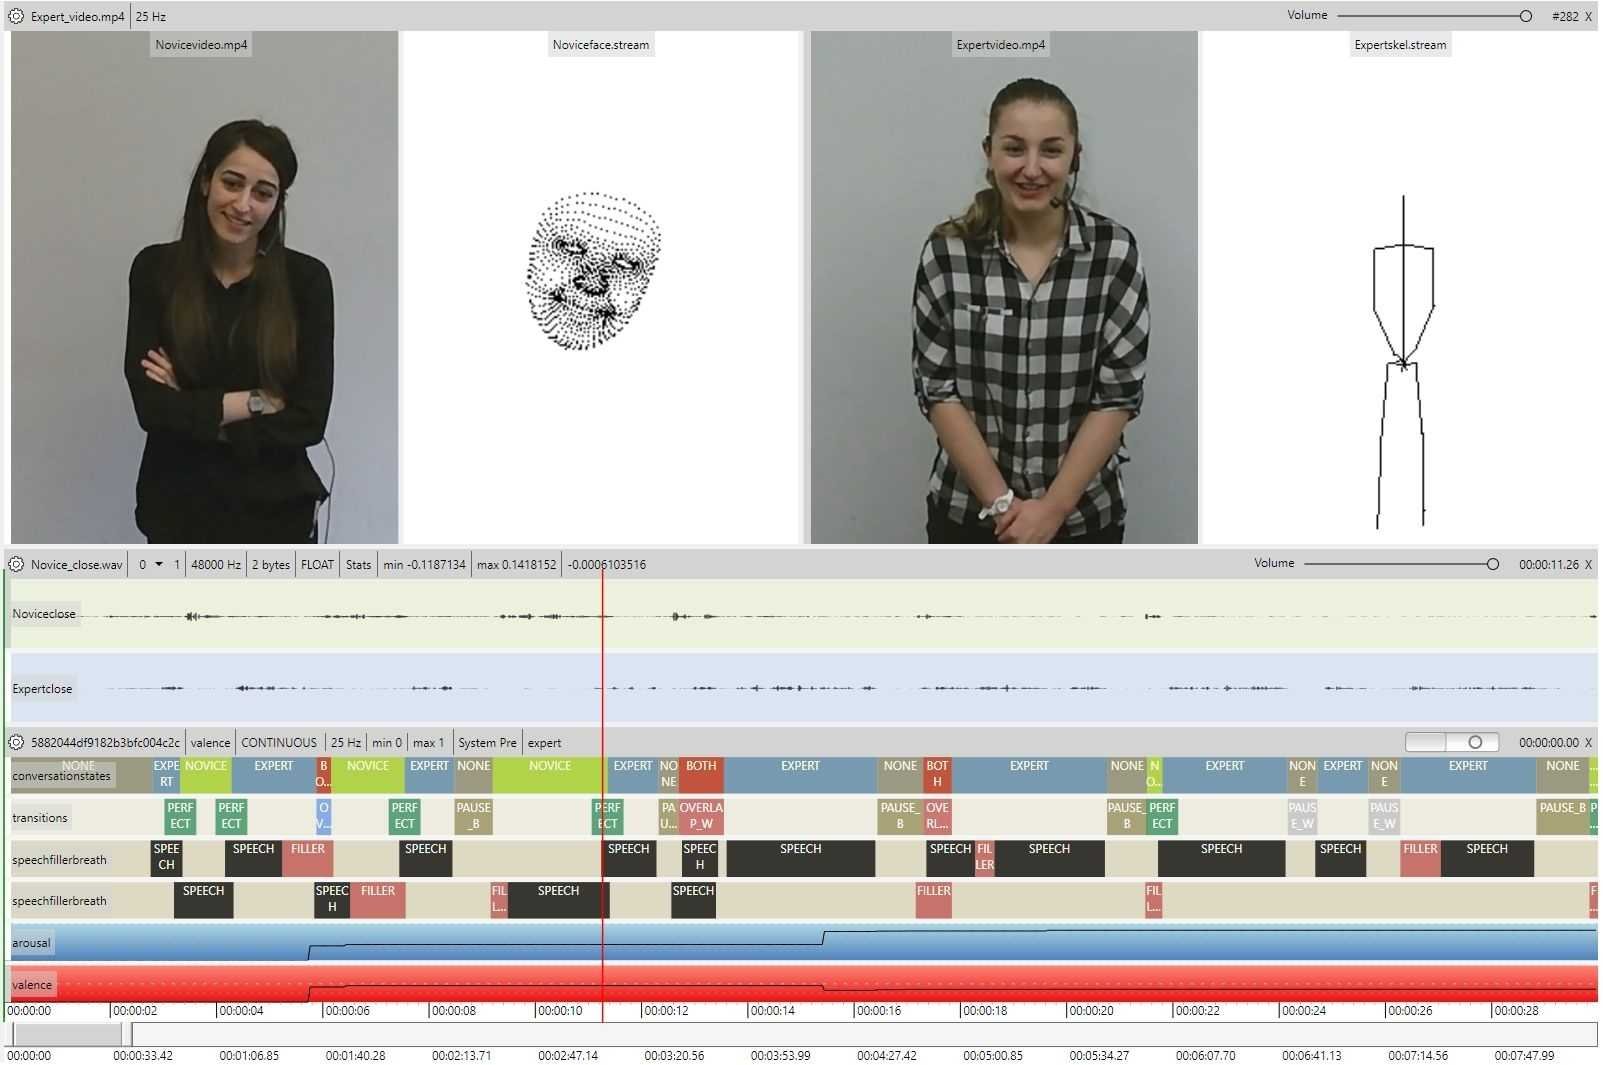 Mehrkanal-Signal-Klassifikation ermöglicht die Erkennung affektiver Signal-Sequenzen in Echtzeit